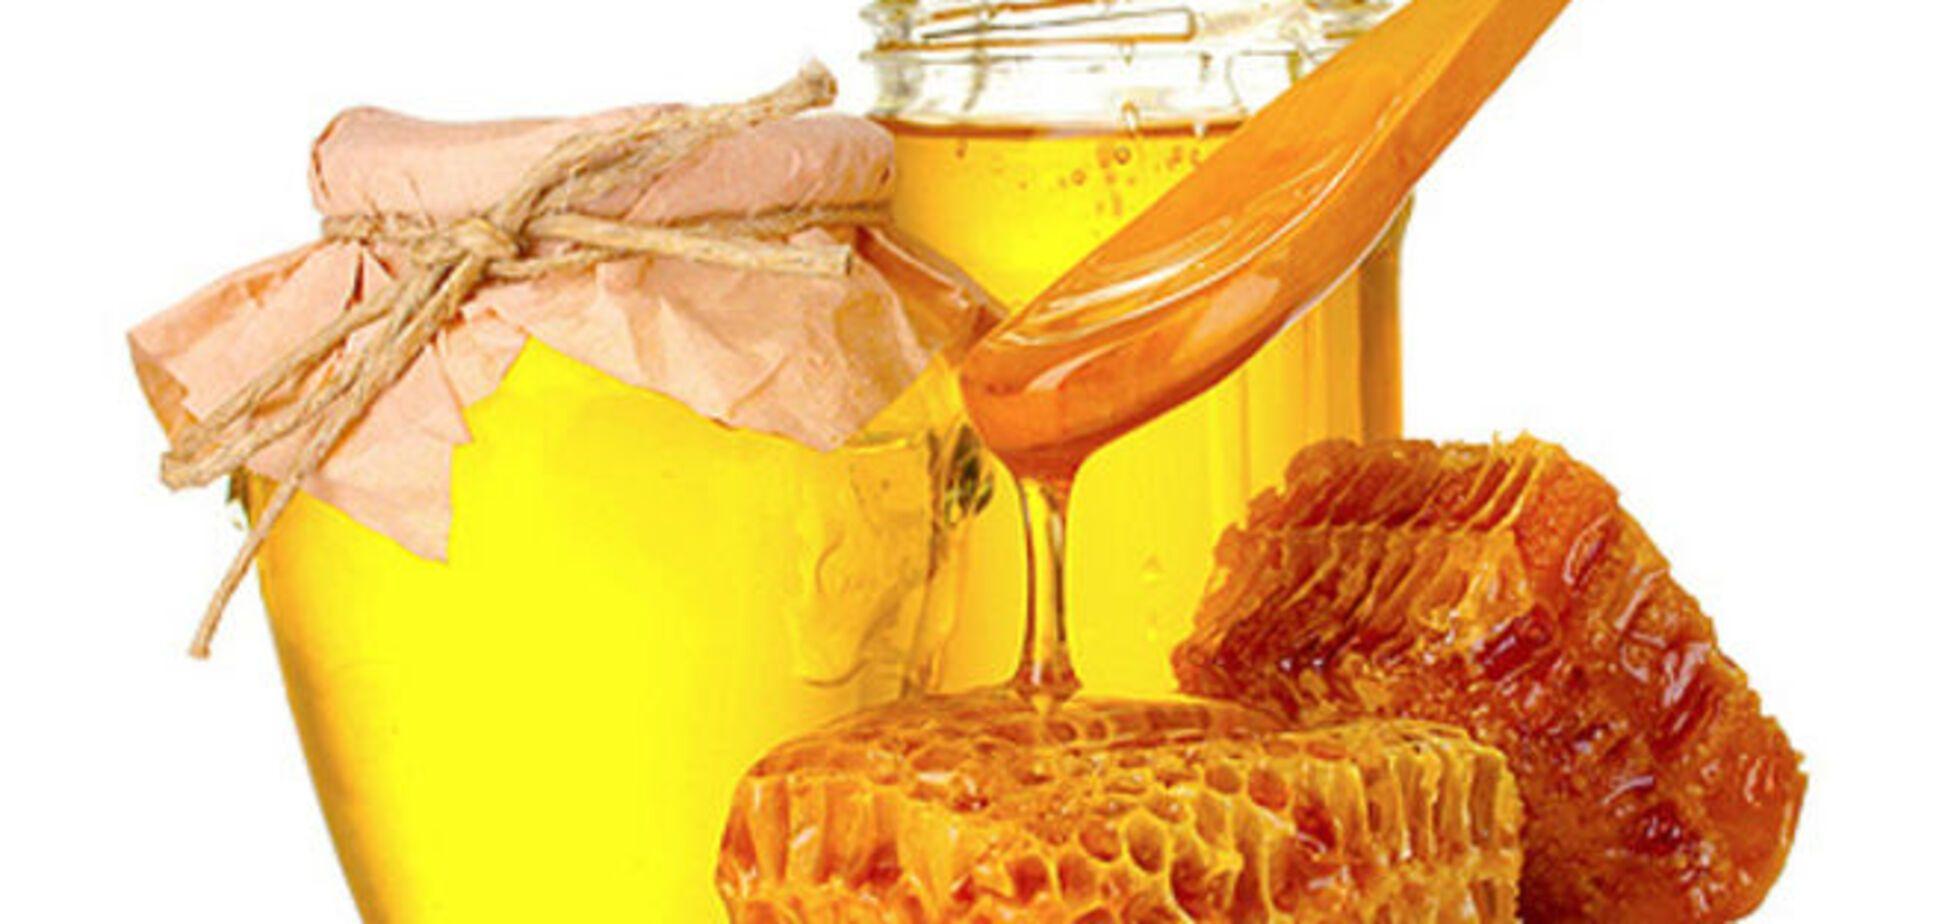 Как отличить хороший мёд от плохого: 9 способов